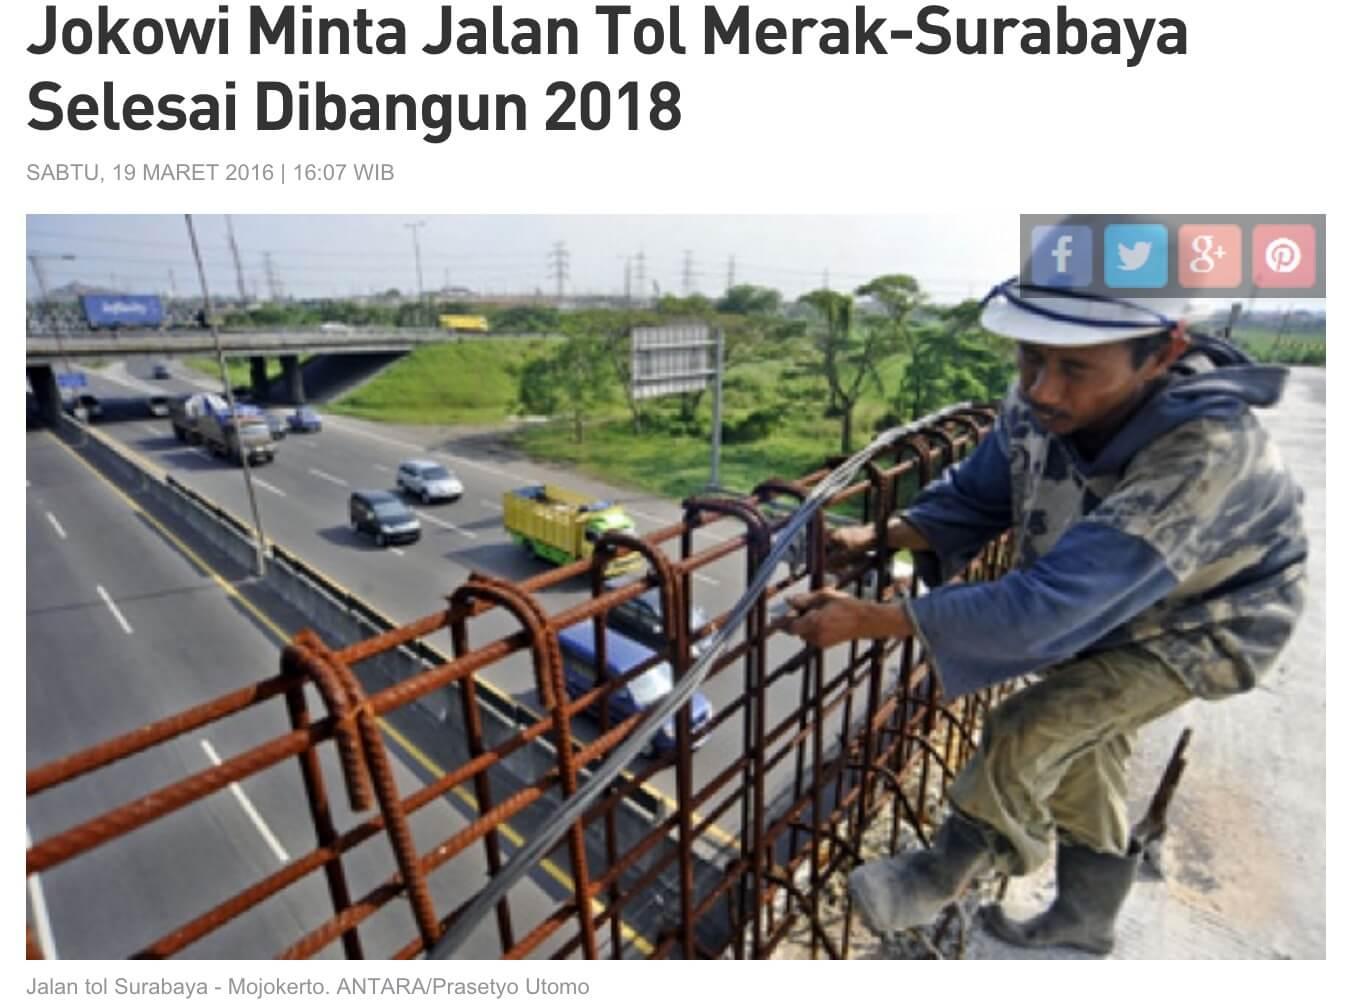 「ジョコウィは、メラックースラバヤ間の高速道路が2018年に完成することを求めている」とのTempo記事より